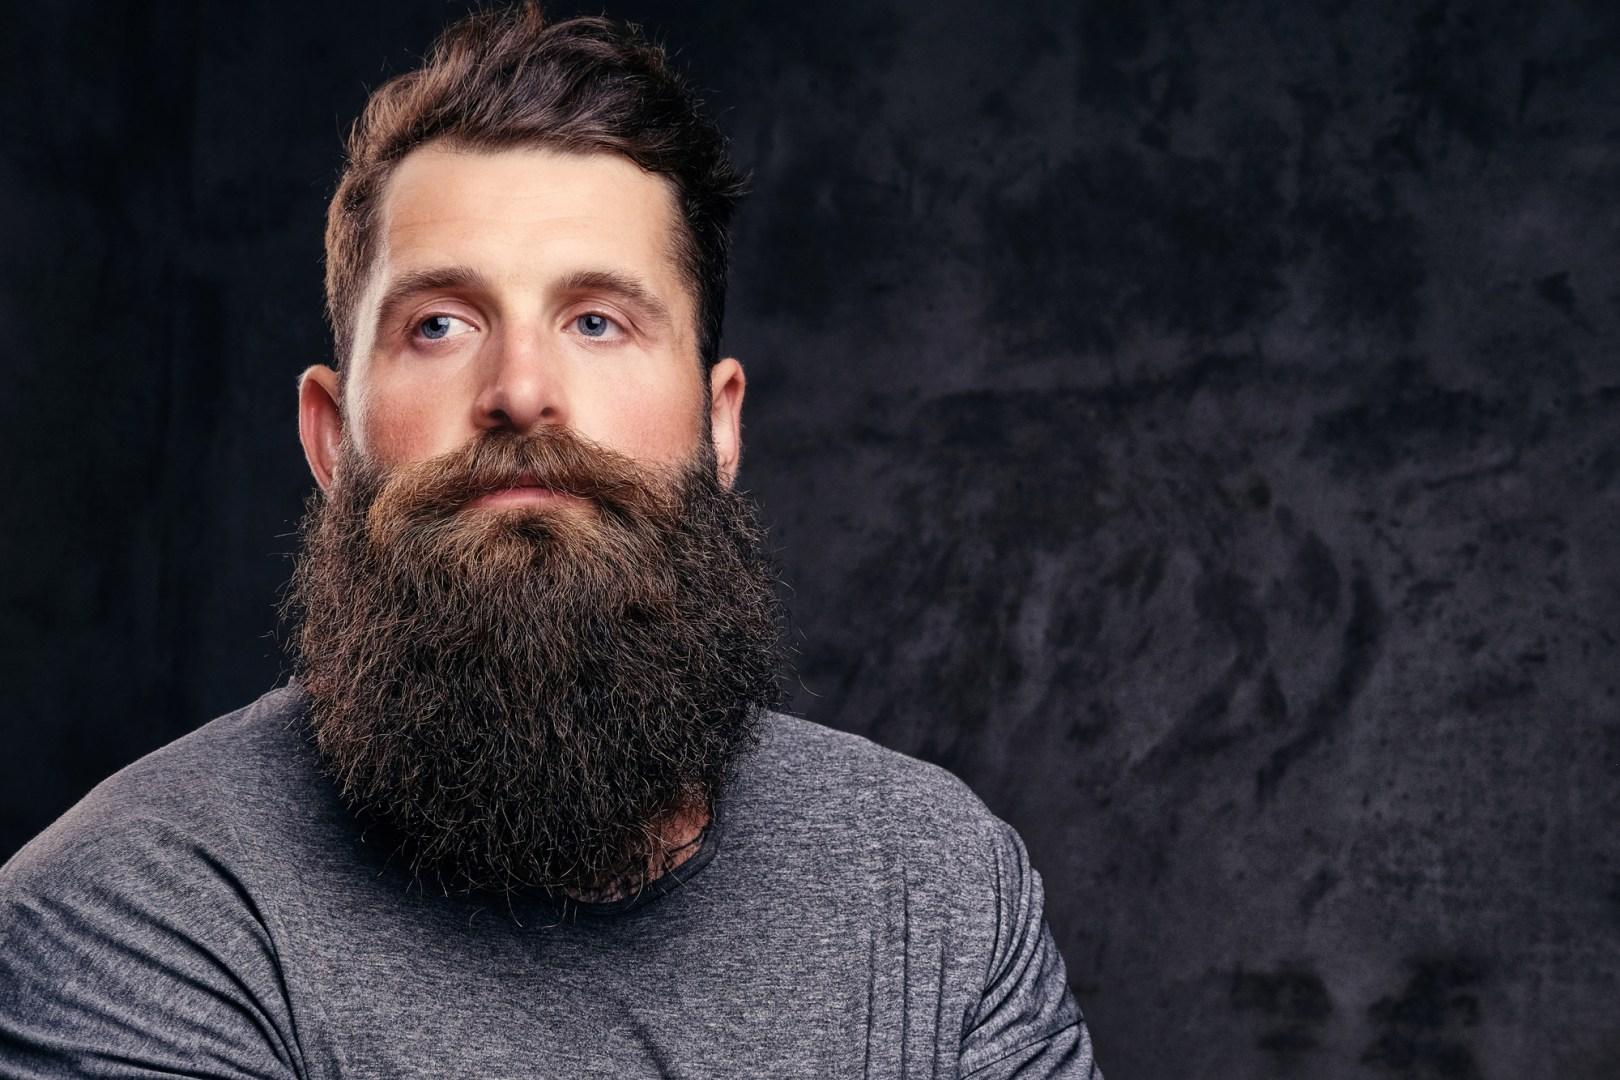 Tipps für einen volleren Bart